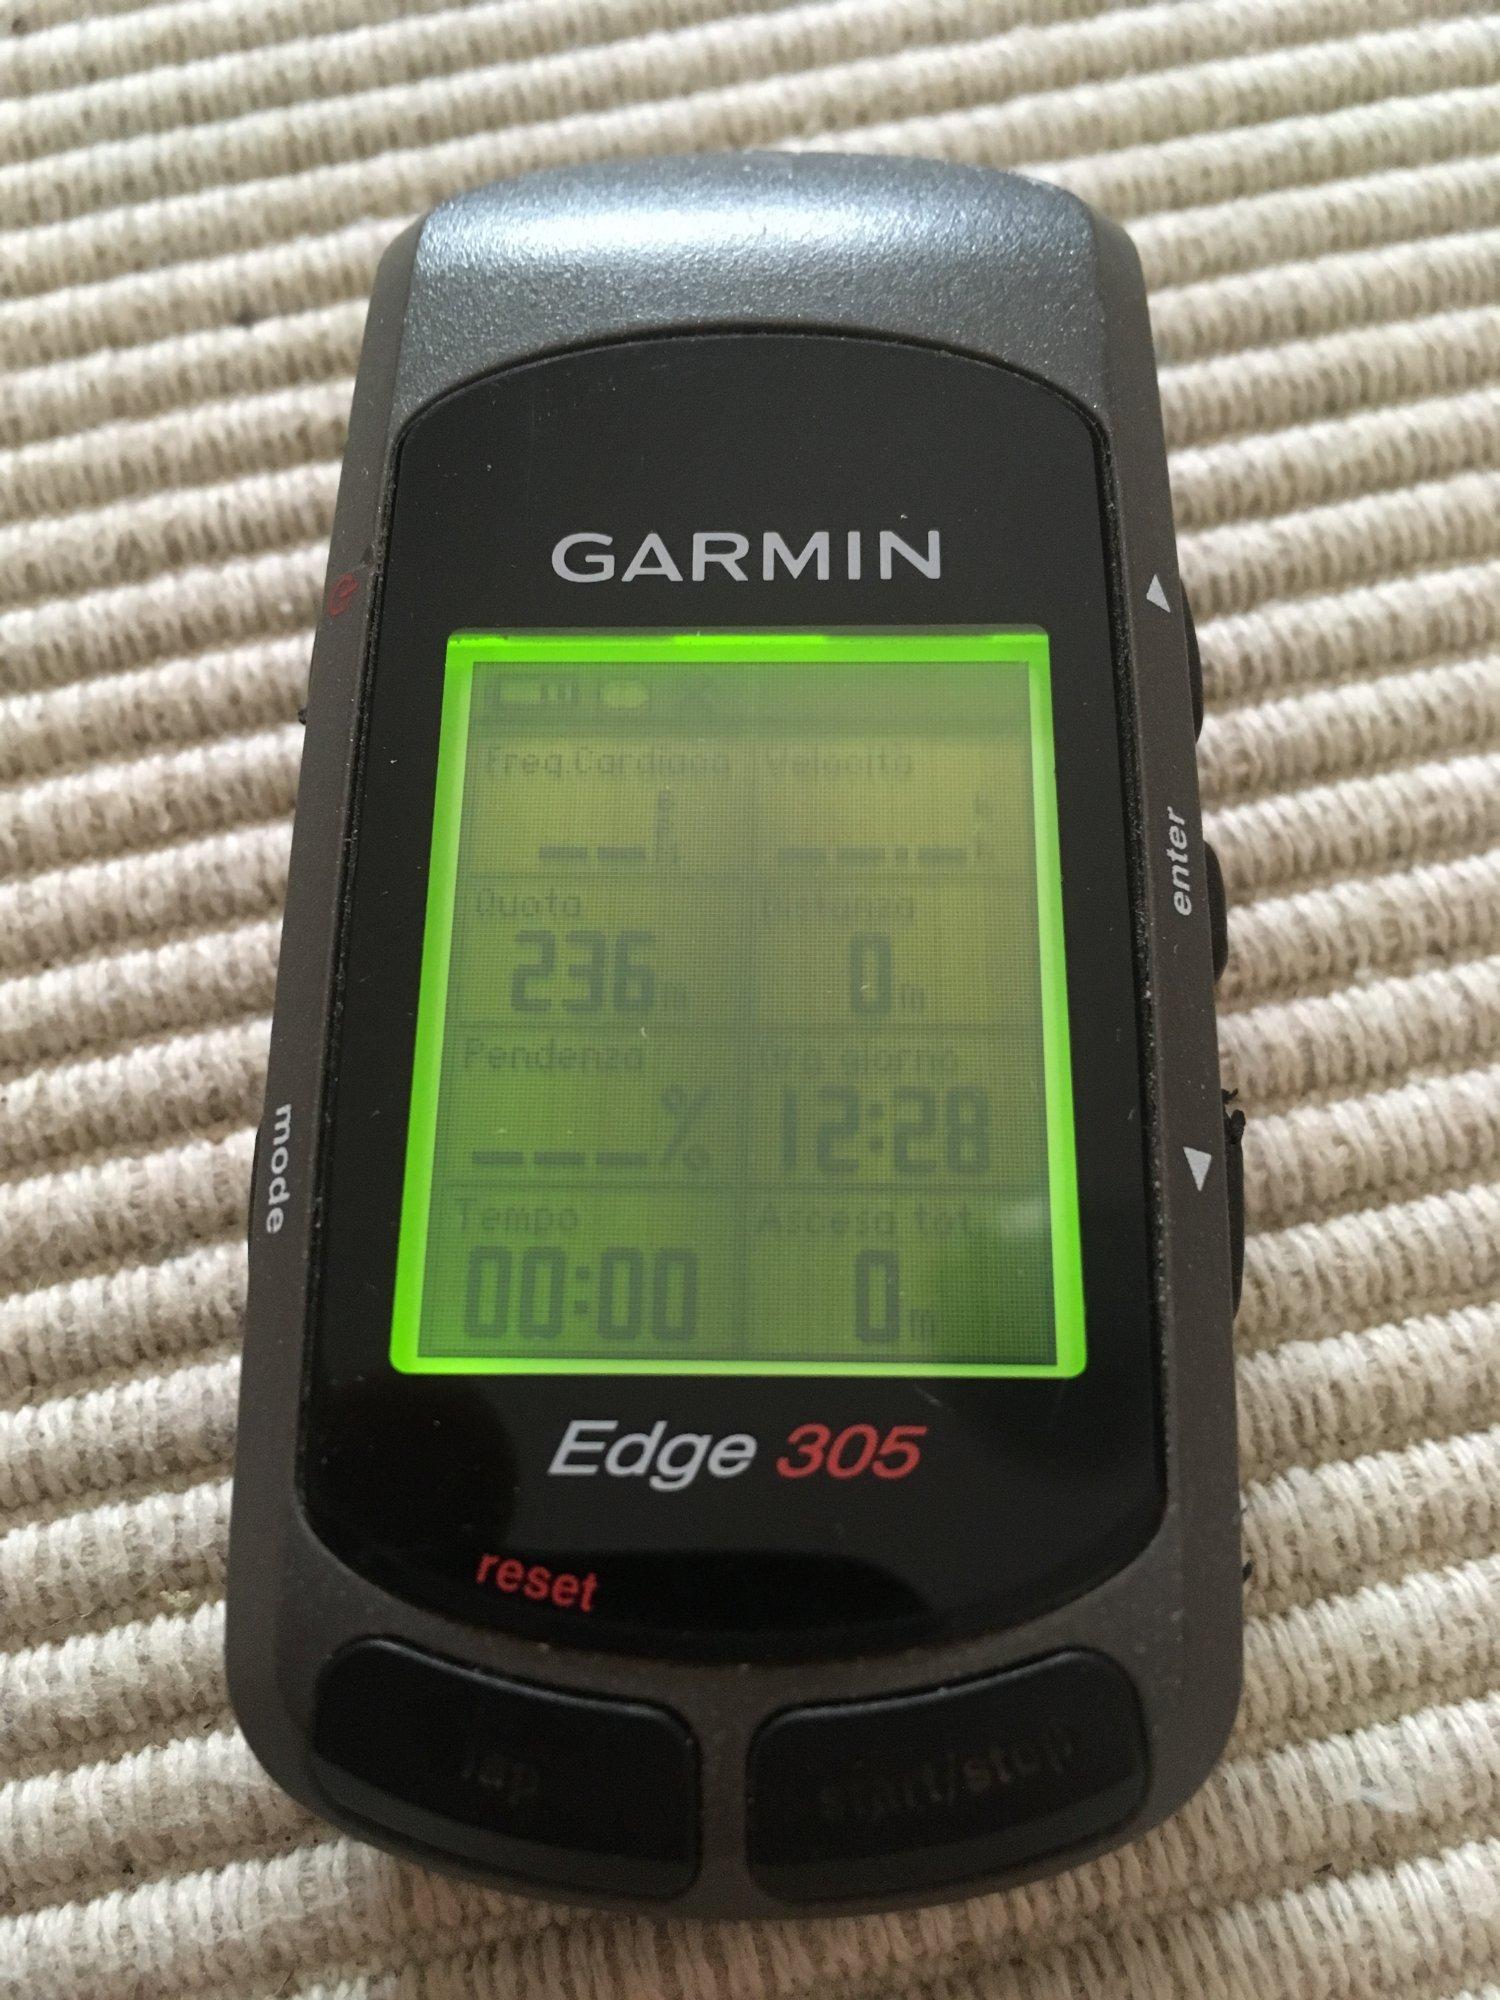 2021_02_06 garmin edge 305 1 90 ill.JPG